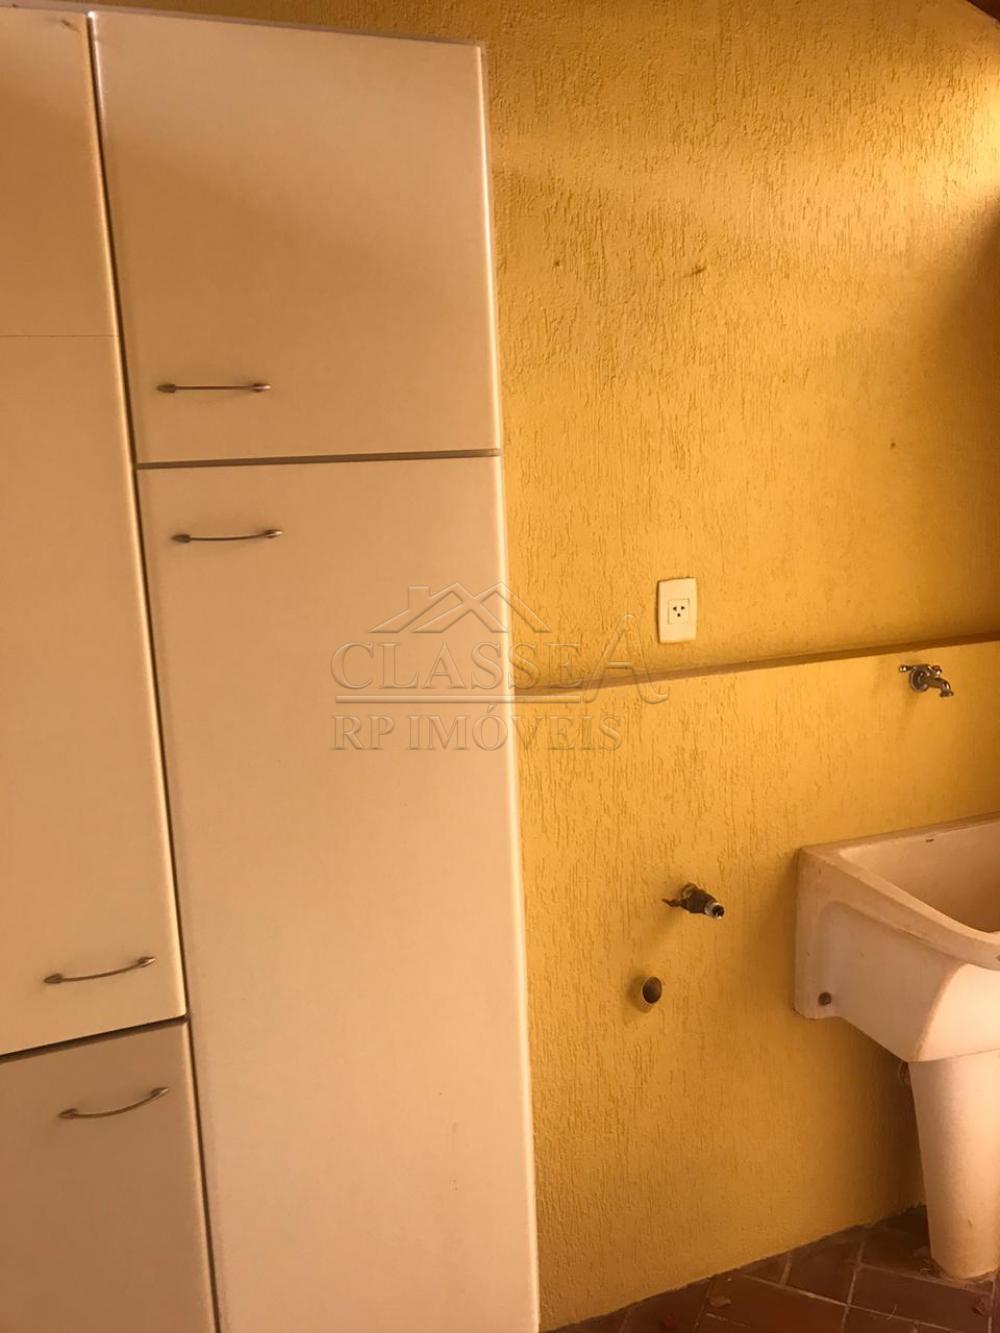 Comprar Casa / Condomínio - térrea em Ribeirão Preto apenas R$ 568.500,00 - Foto 6